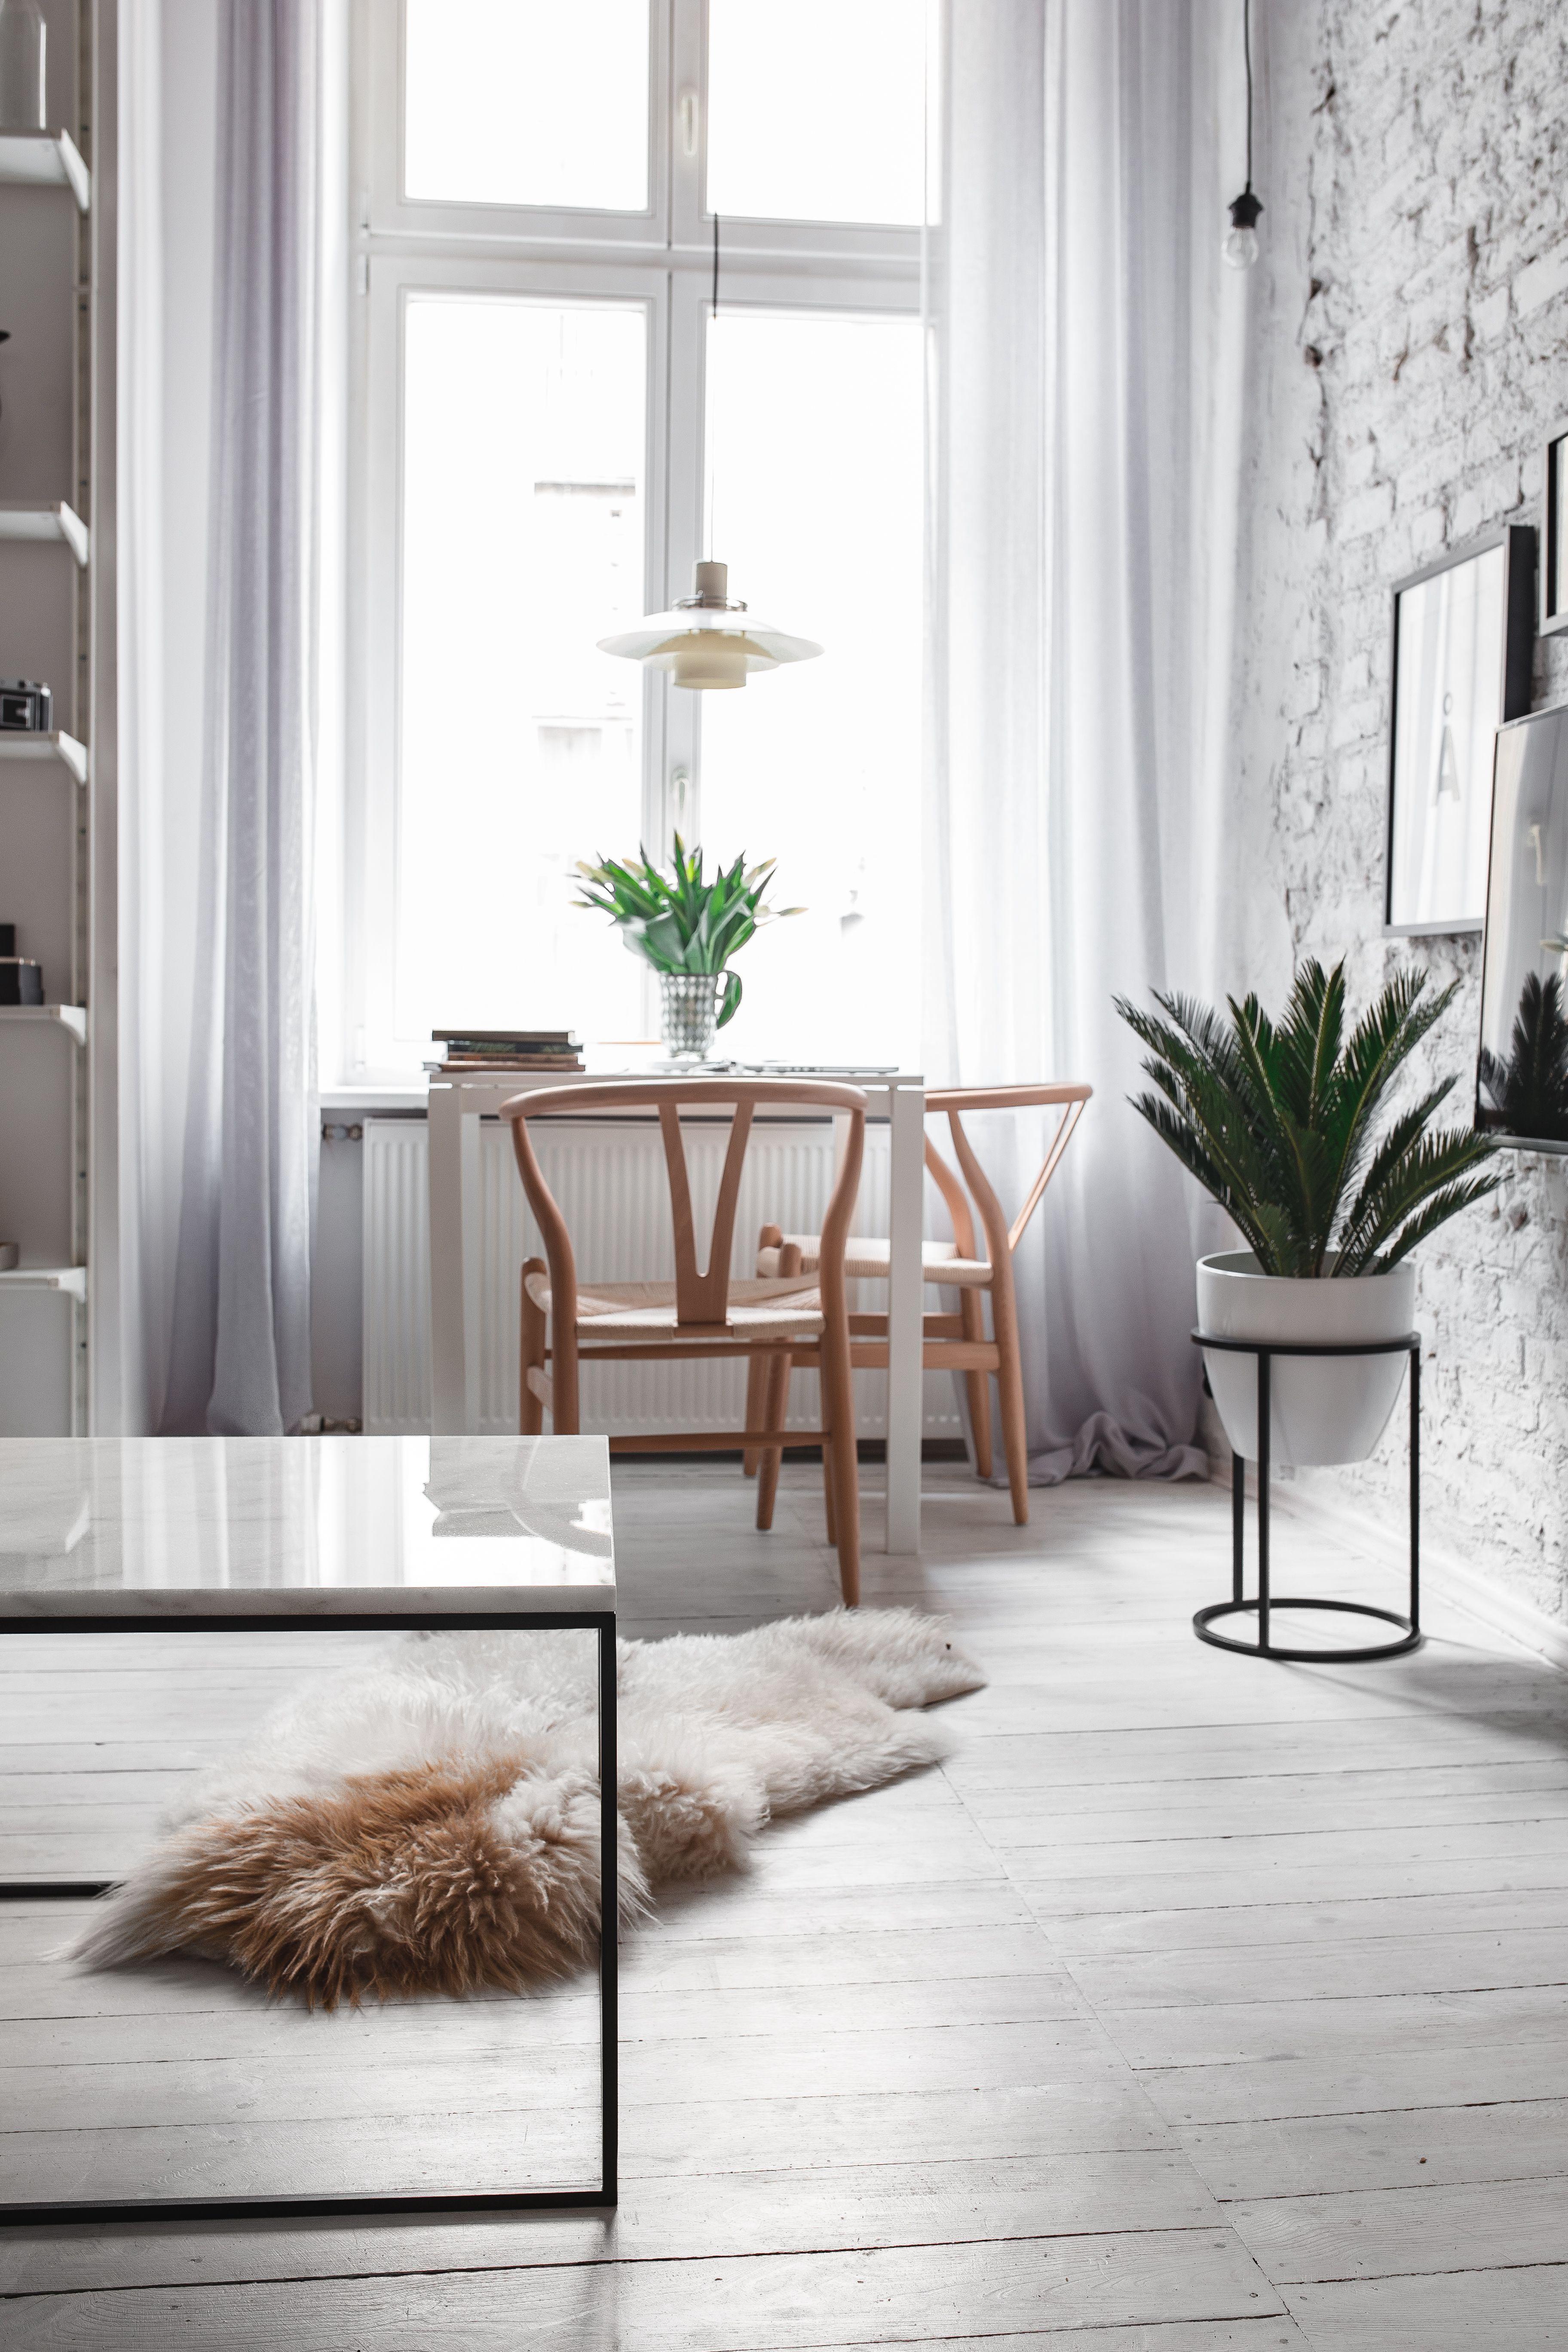 Diferentes estilos de la decoración escandinava - Homy.es ...